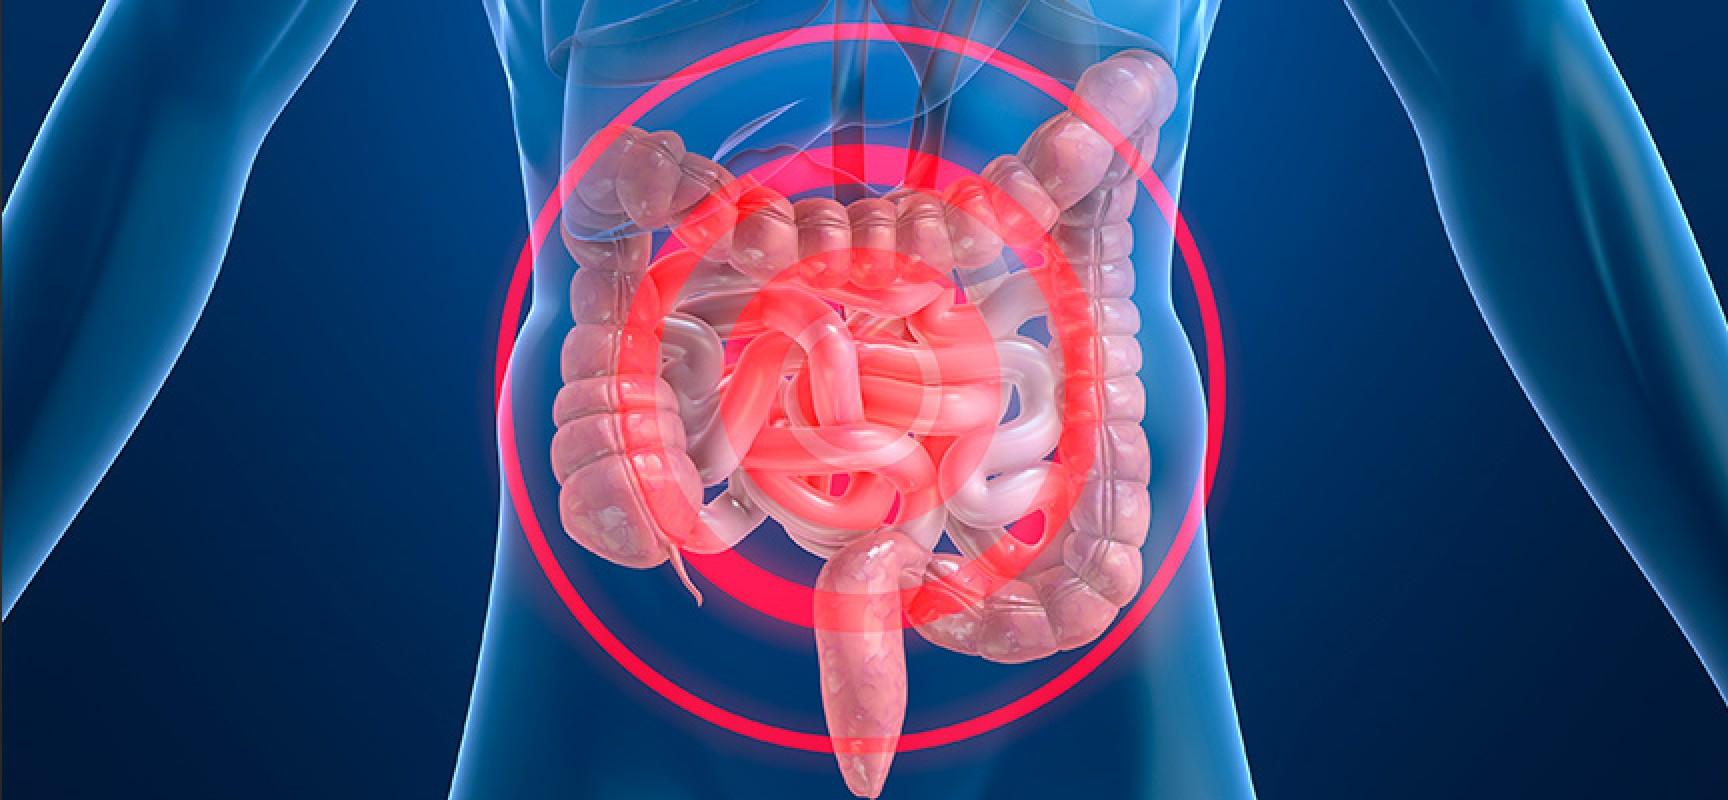 Las enfermedades inflamatorias intestinales aumentan en España...